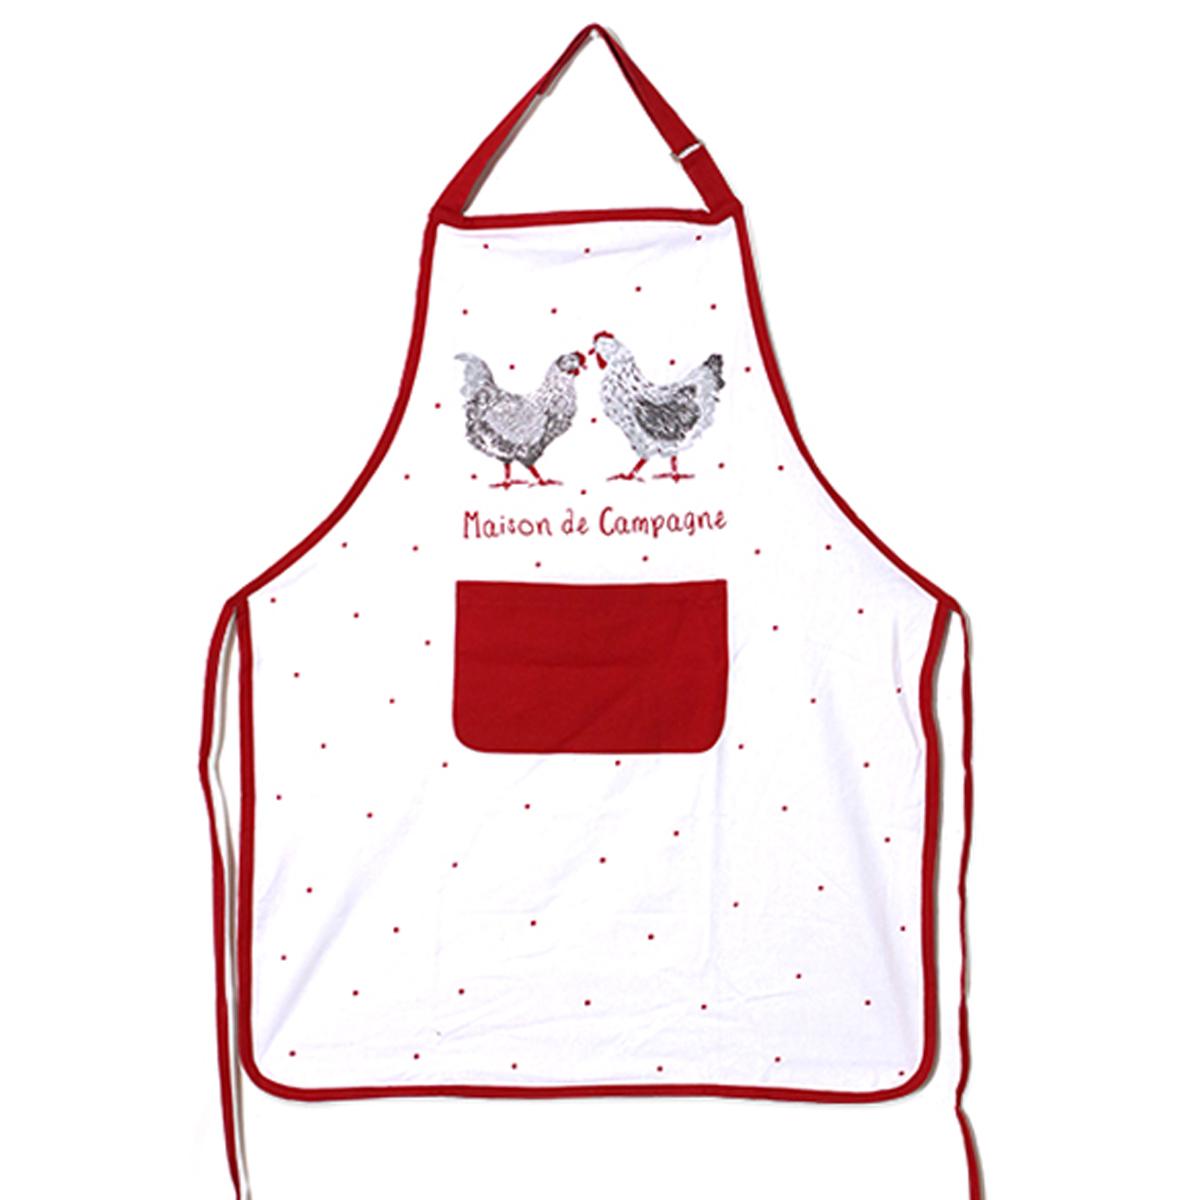 Tablier de cuisine coton \'Poules\' rouge blanc (Maison de Campagne) - 90x70 cm - [A1118]